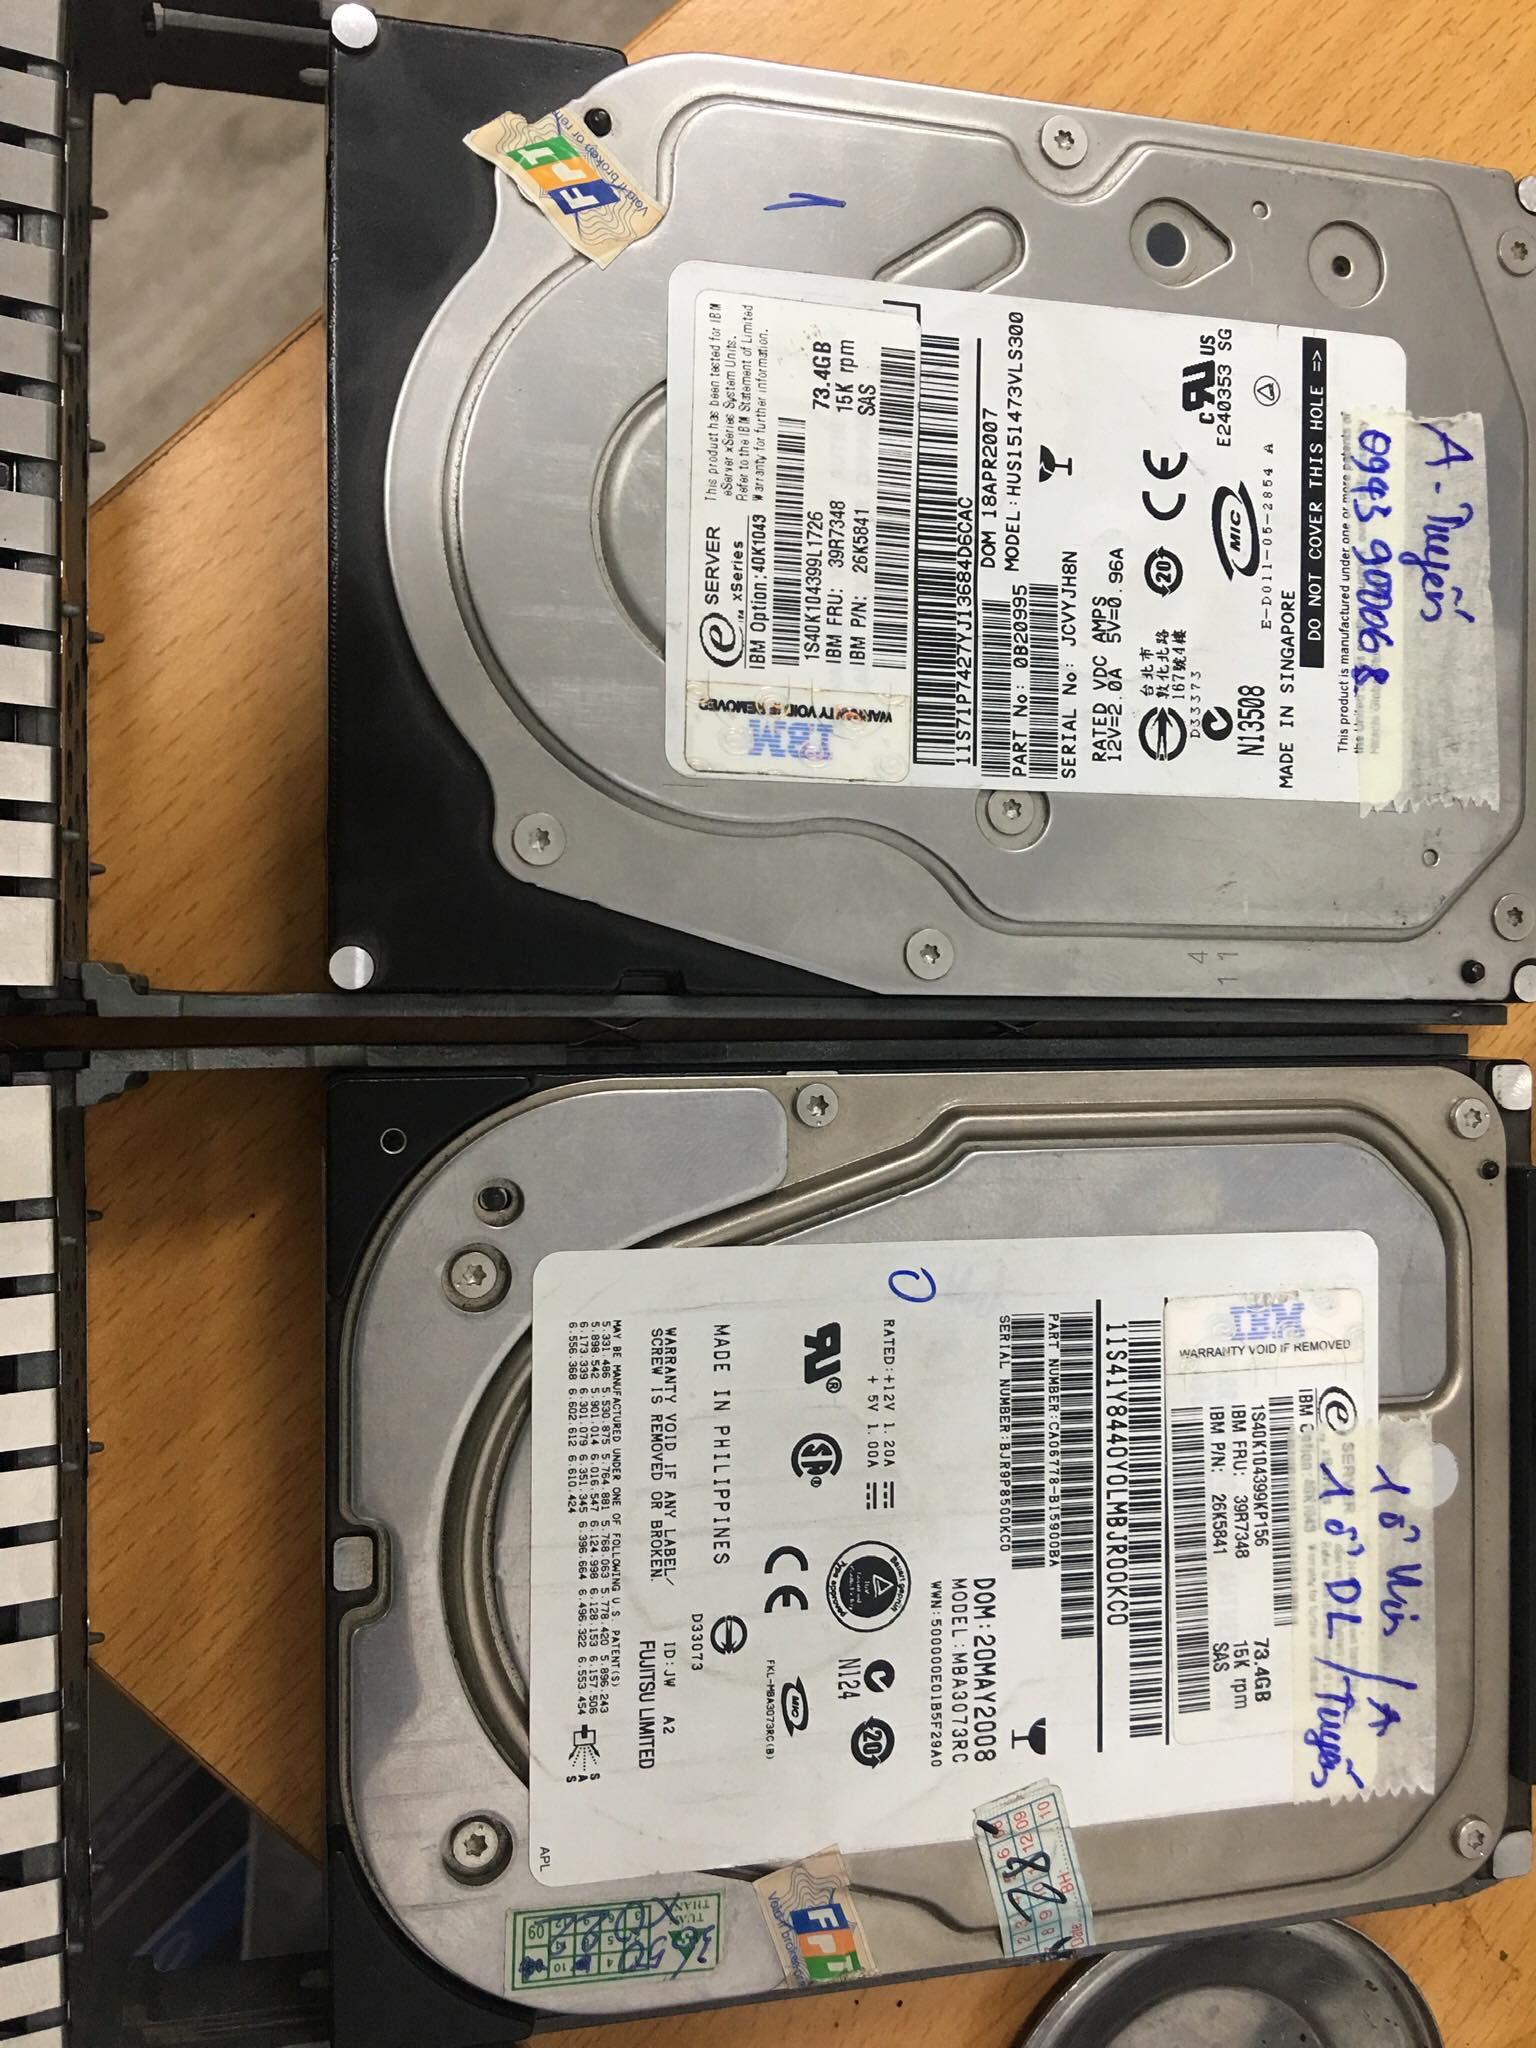 Cứu dữ liệu máy chủ IBM với 2HDDx73GB mất cấu hình RAID 20/05/2020 - cuumaytinh